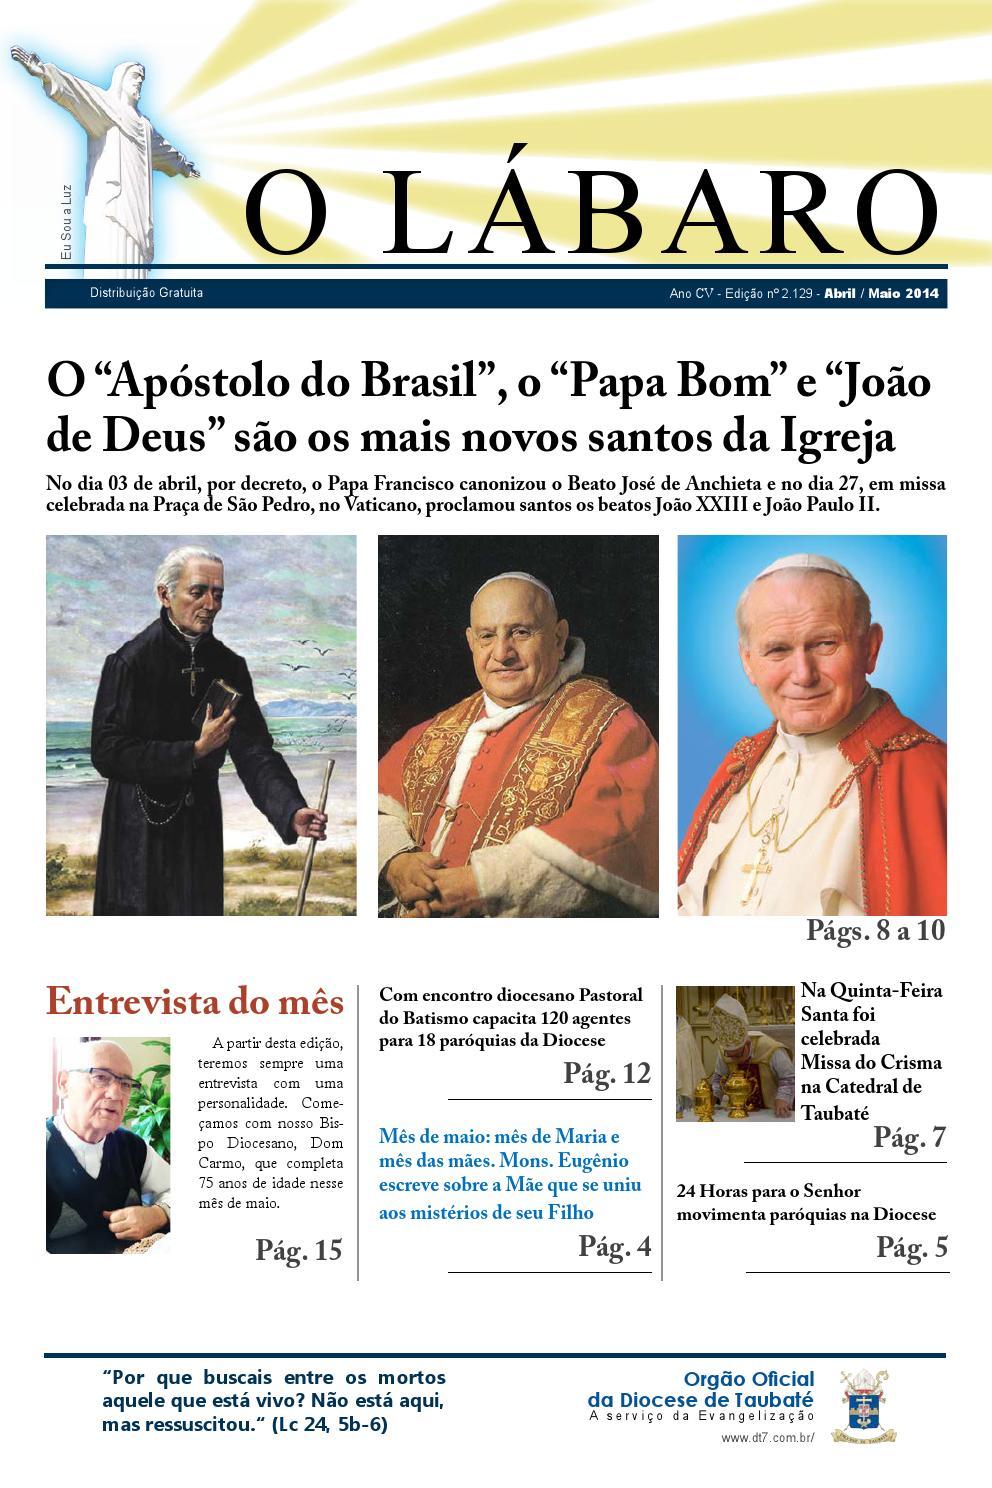 63ad7e36c31 Jornal O Lábaro - Abril e Maio de 2014 by Diocese Taubaté - issuu